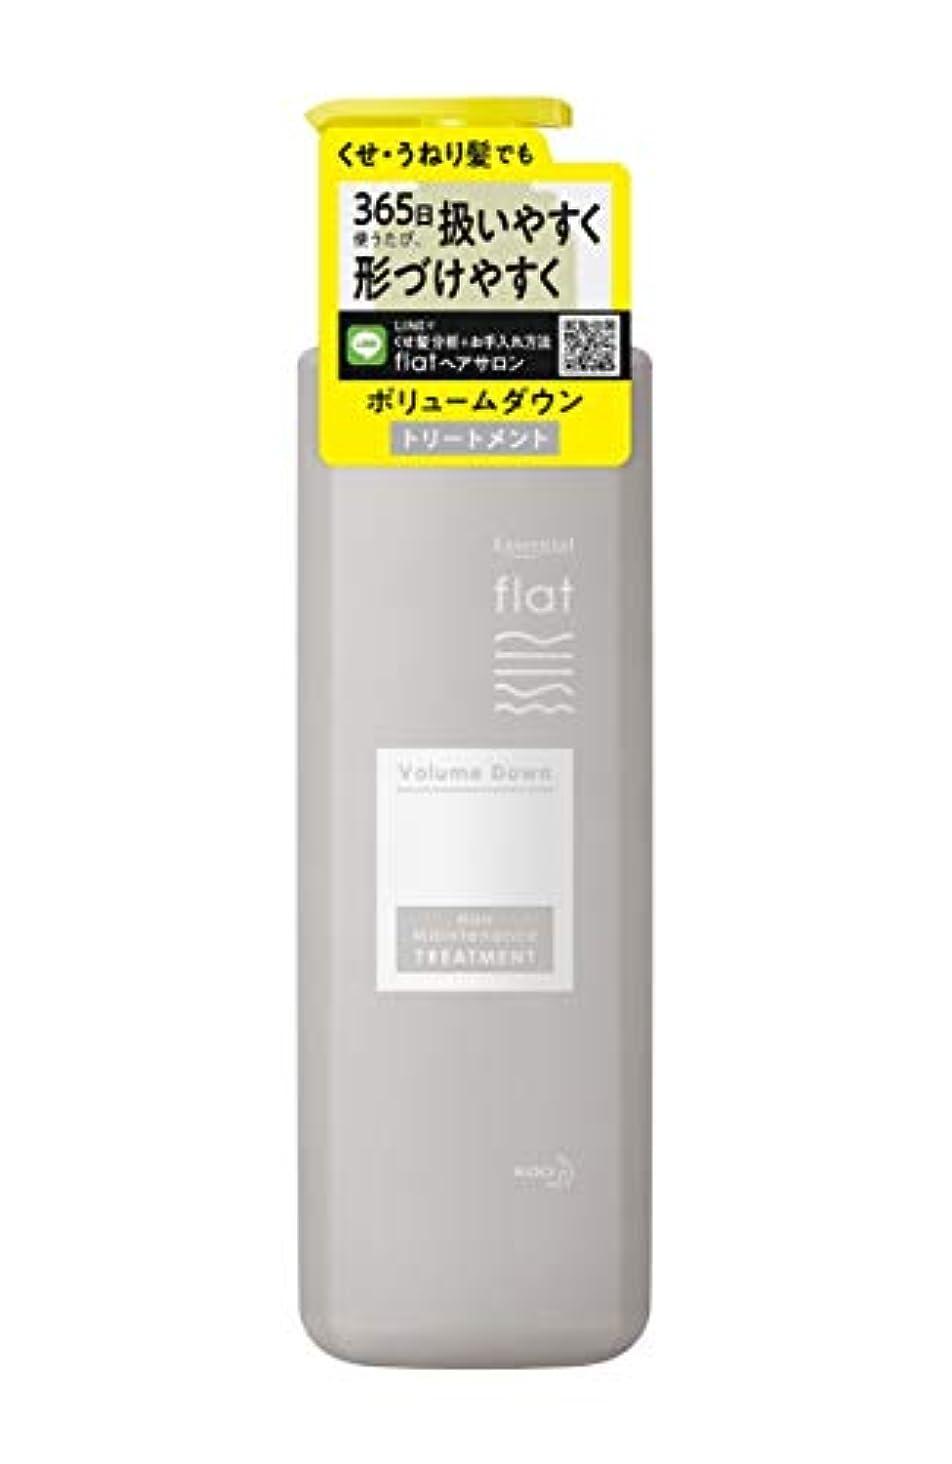 楽しませる緯度撃退するflat(フラット) エッセンシャル フラット ボリュームダウン トリートメント くせ毛 うねり髪 毛先 広がりにくい ストレートヘア ときほぐし成分配合(整髪成分) ボトル 500ml